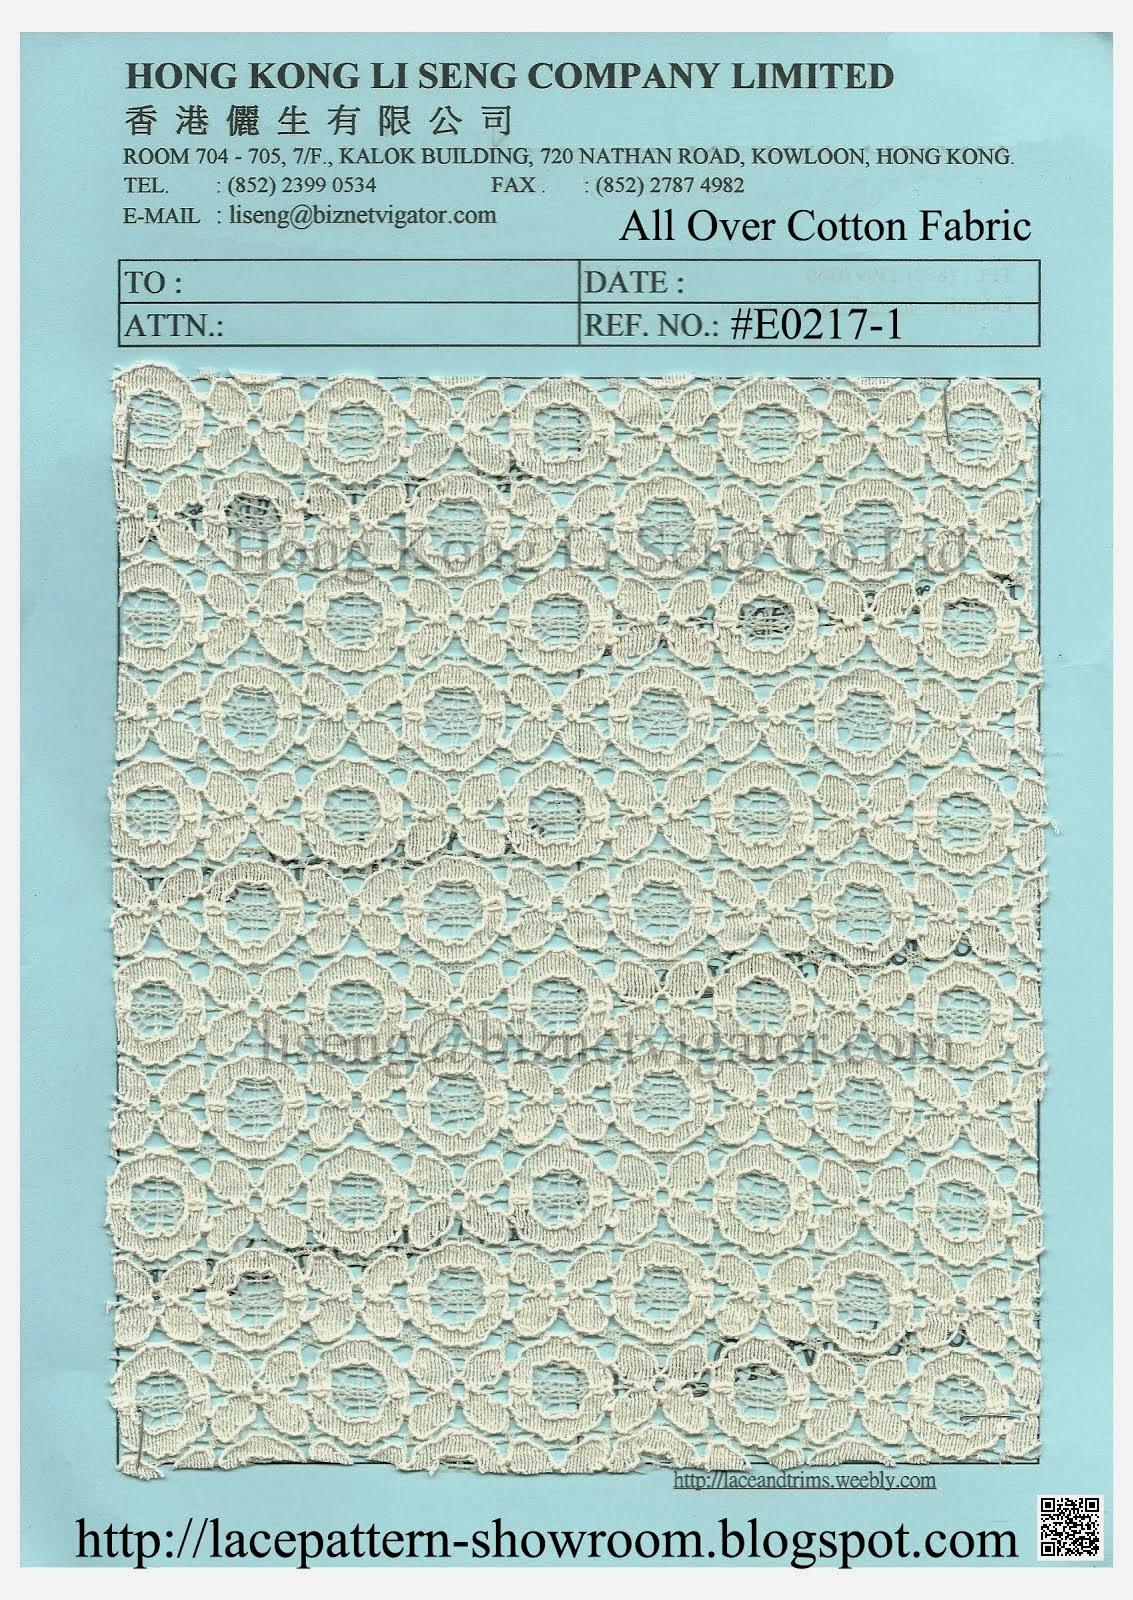 New Pattern All Over Cotton Fabric Manufacturer - Hong Kong Li Seng Co Ltd